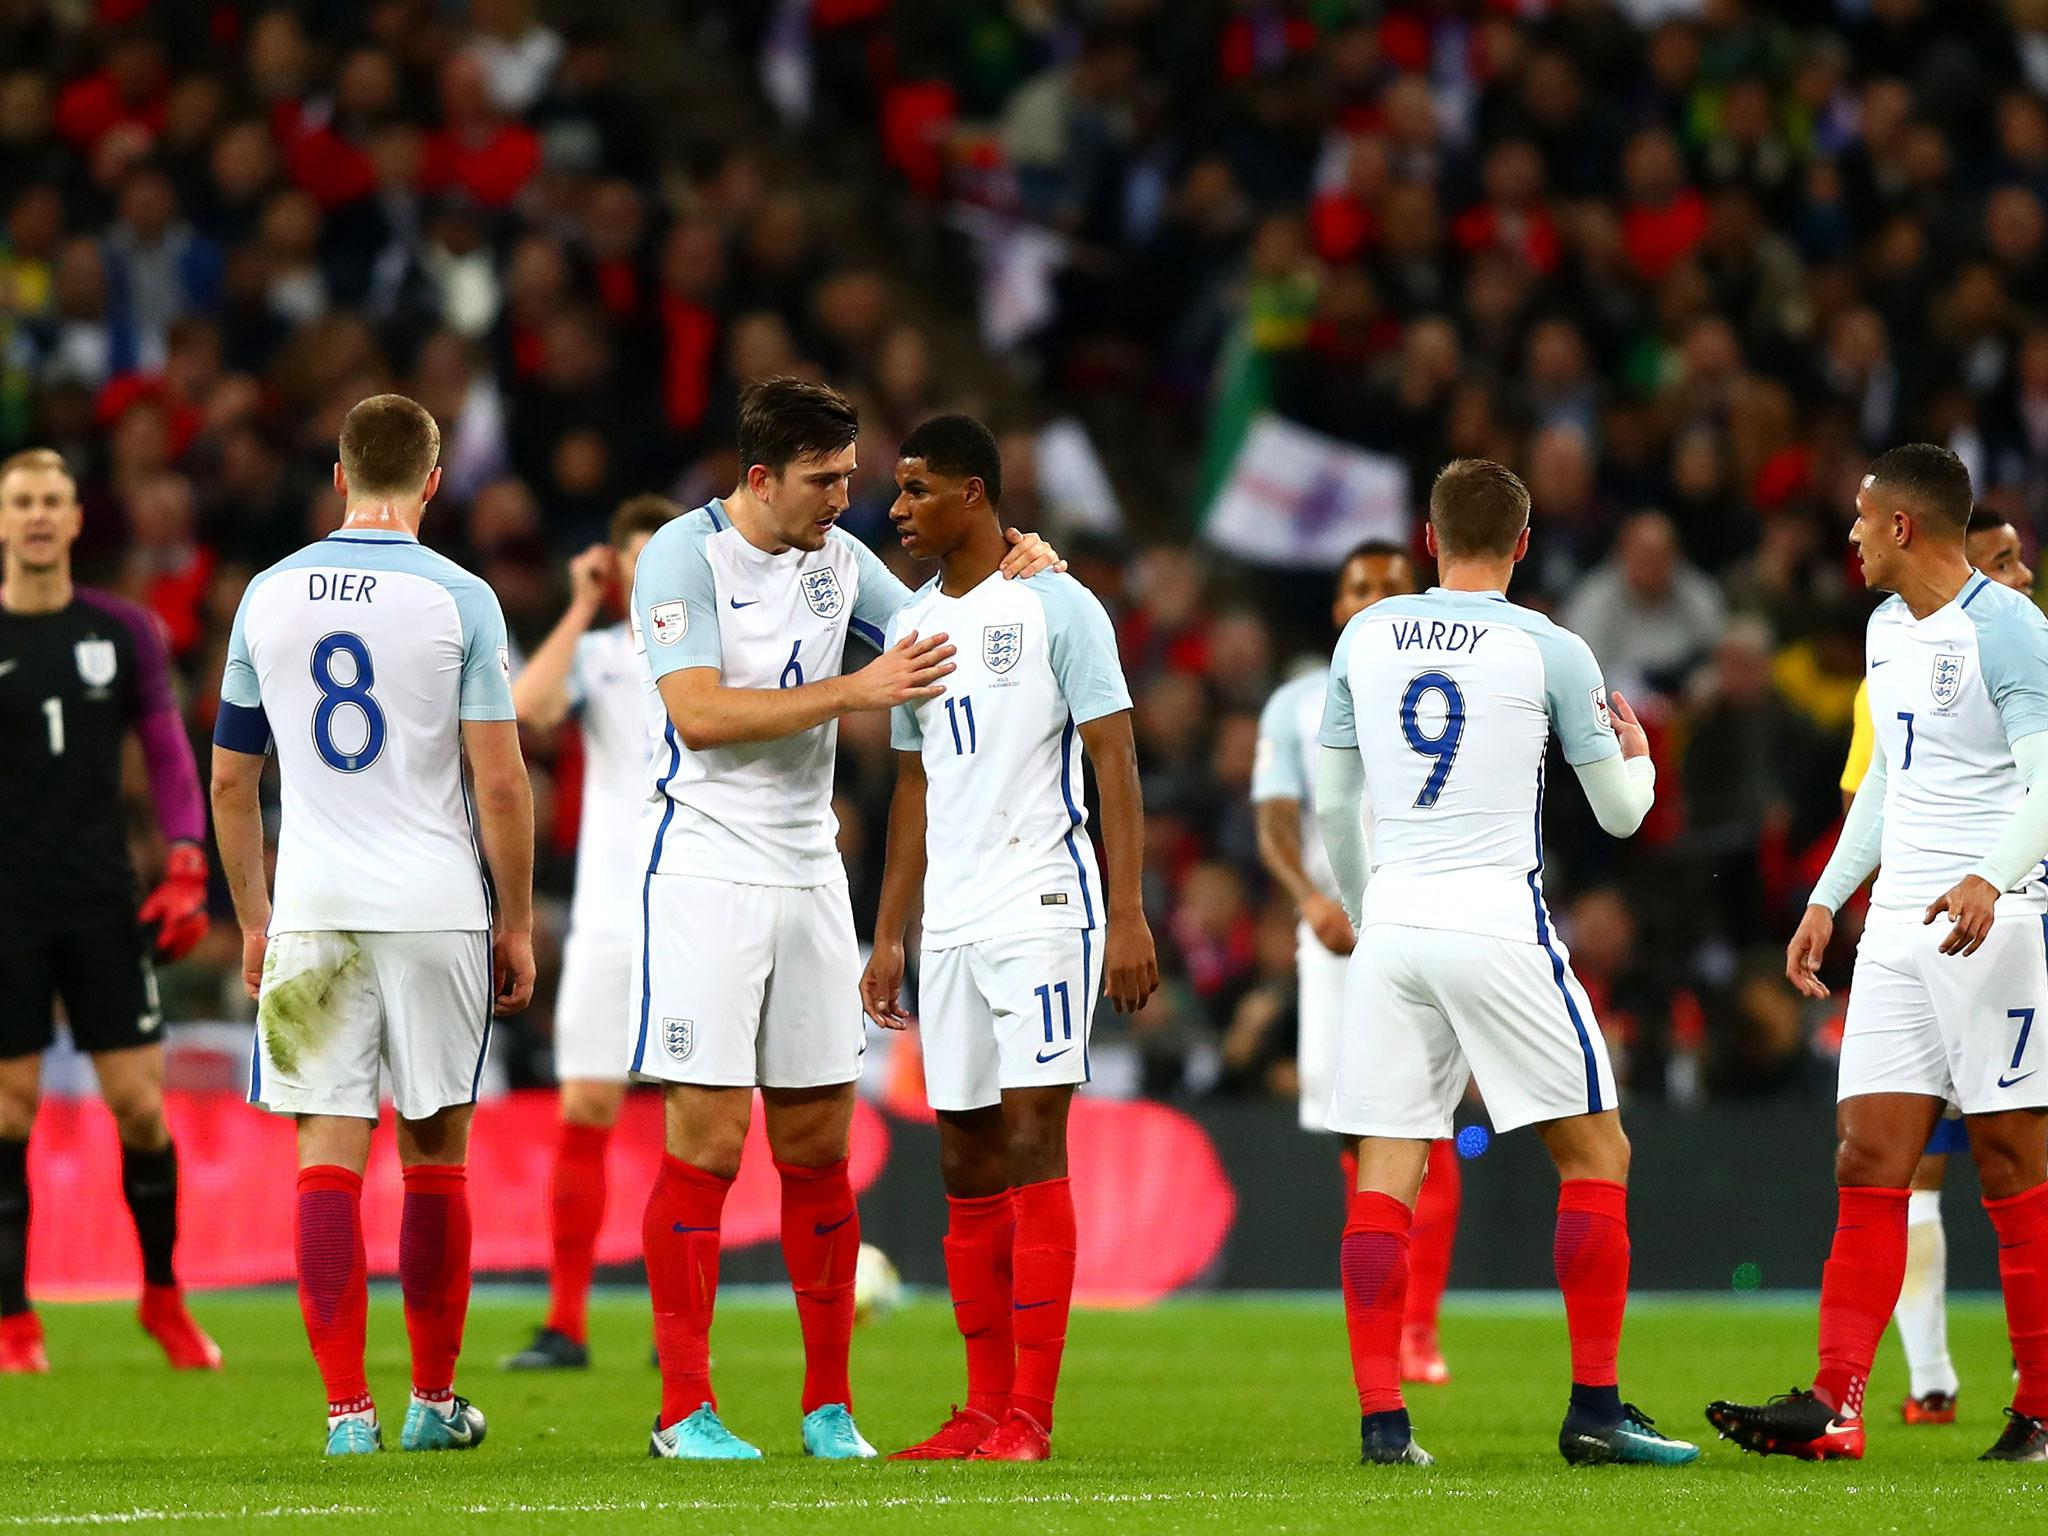 HLV Gareth Southgate lên tiếng bênh vực các cầu thủ trẻ của tuyển Anh trước bão chỉ trích của dư luận - Bóng Đá